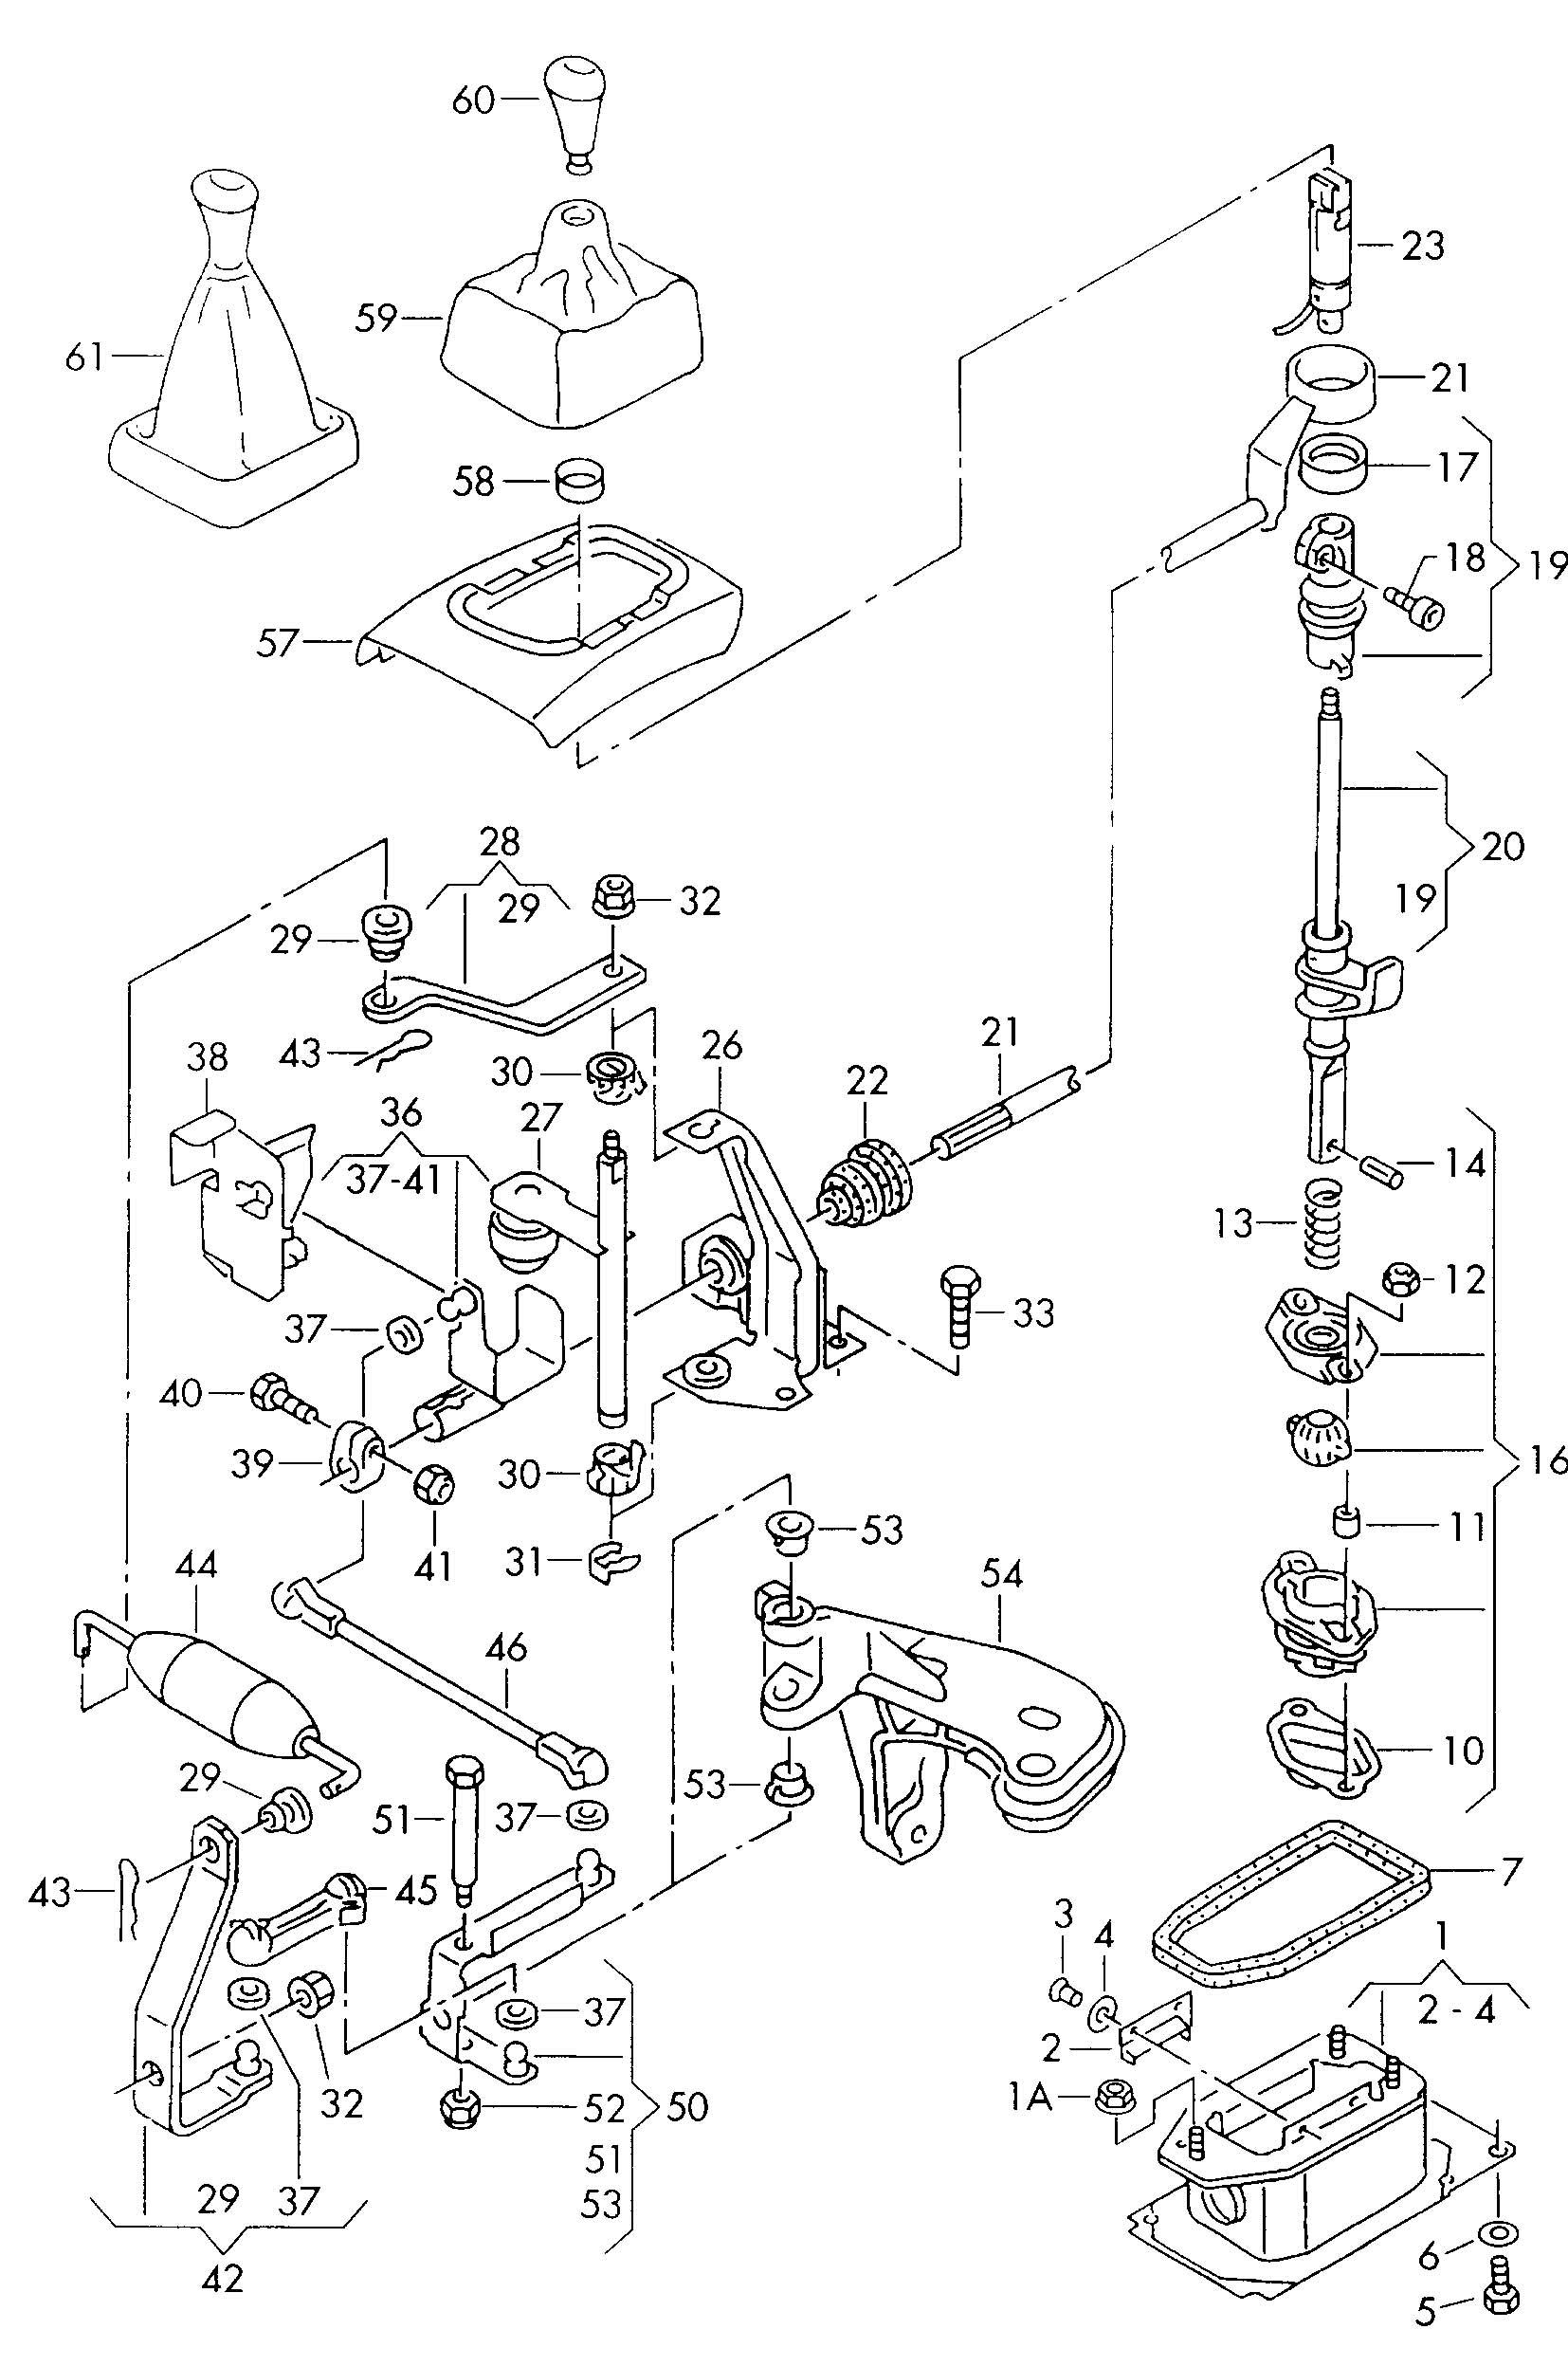 Shift mechanism 1.8-2.0ltr. 2.0ltr. 1.8ltr. 1.9ltr. 2.0ltr